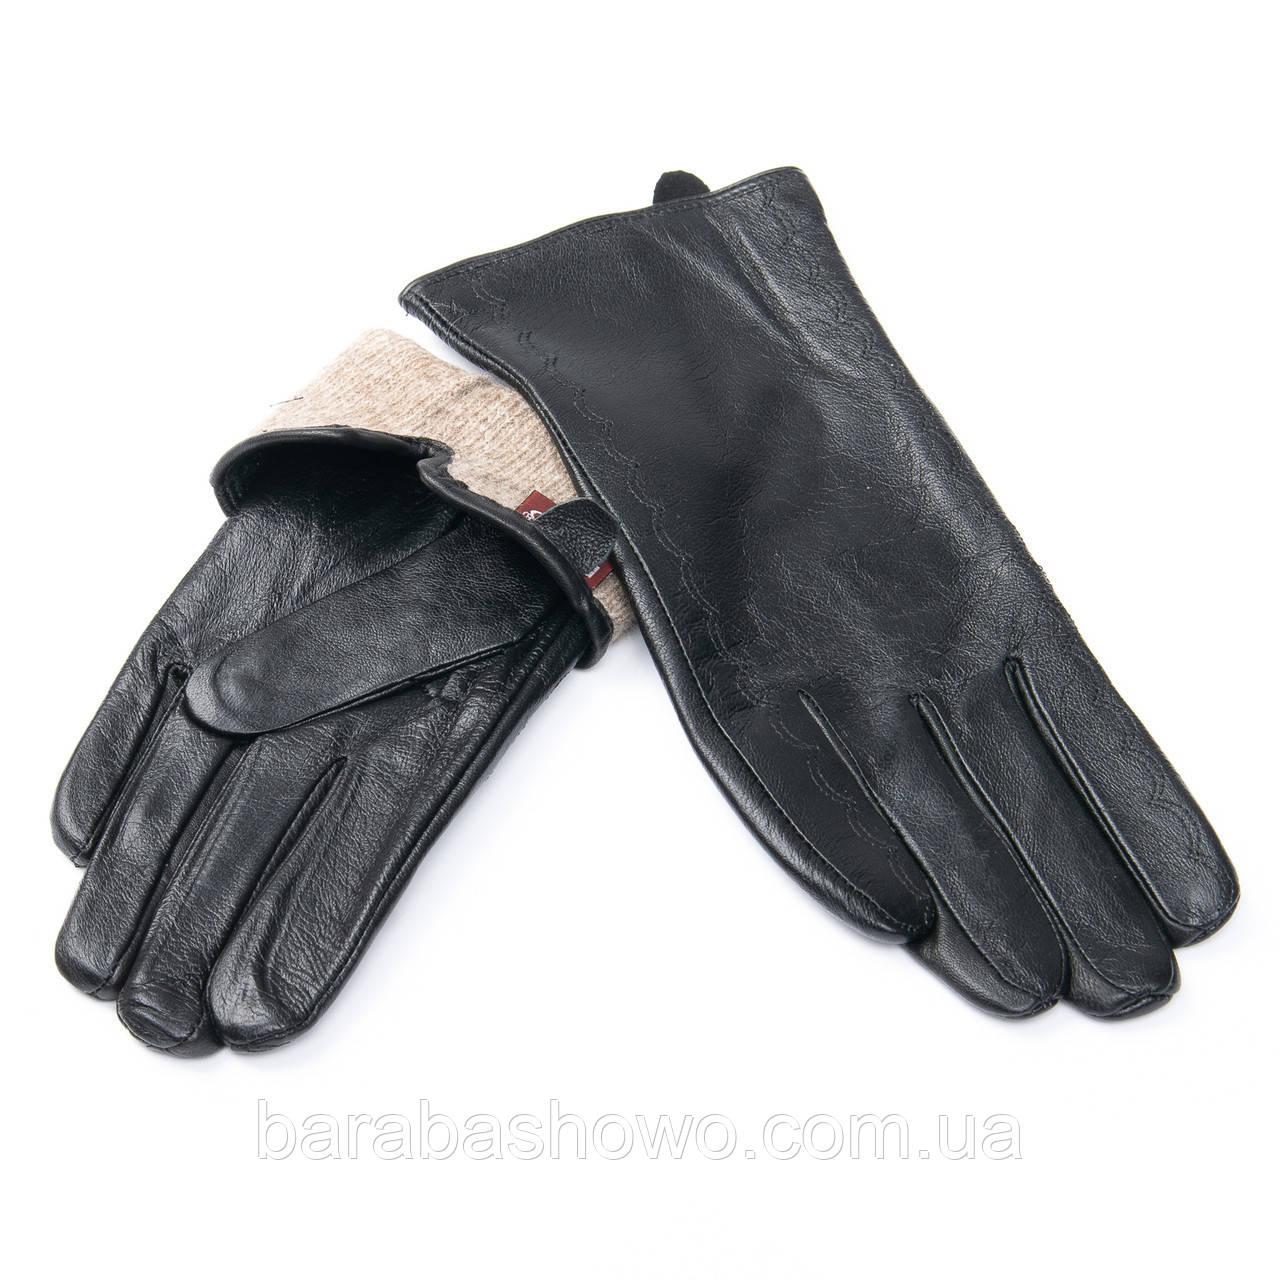 Кожаные женские перчатки, черные. Подкладка - шерсть. MOD 9